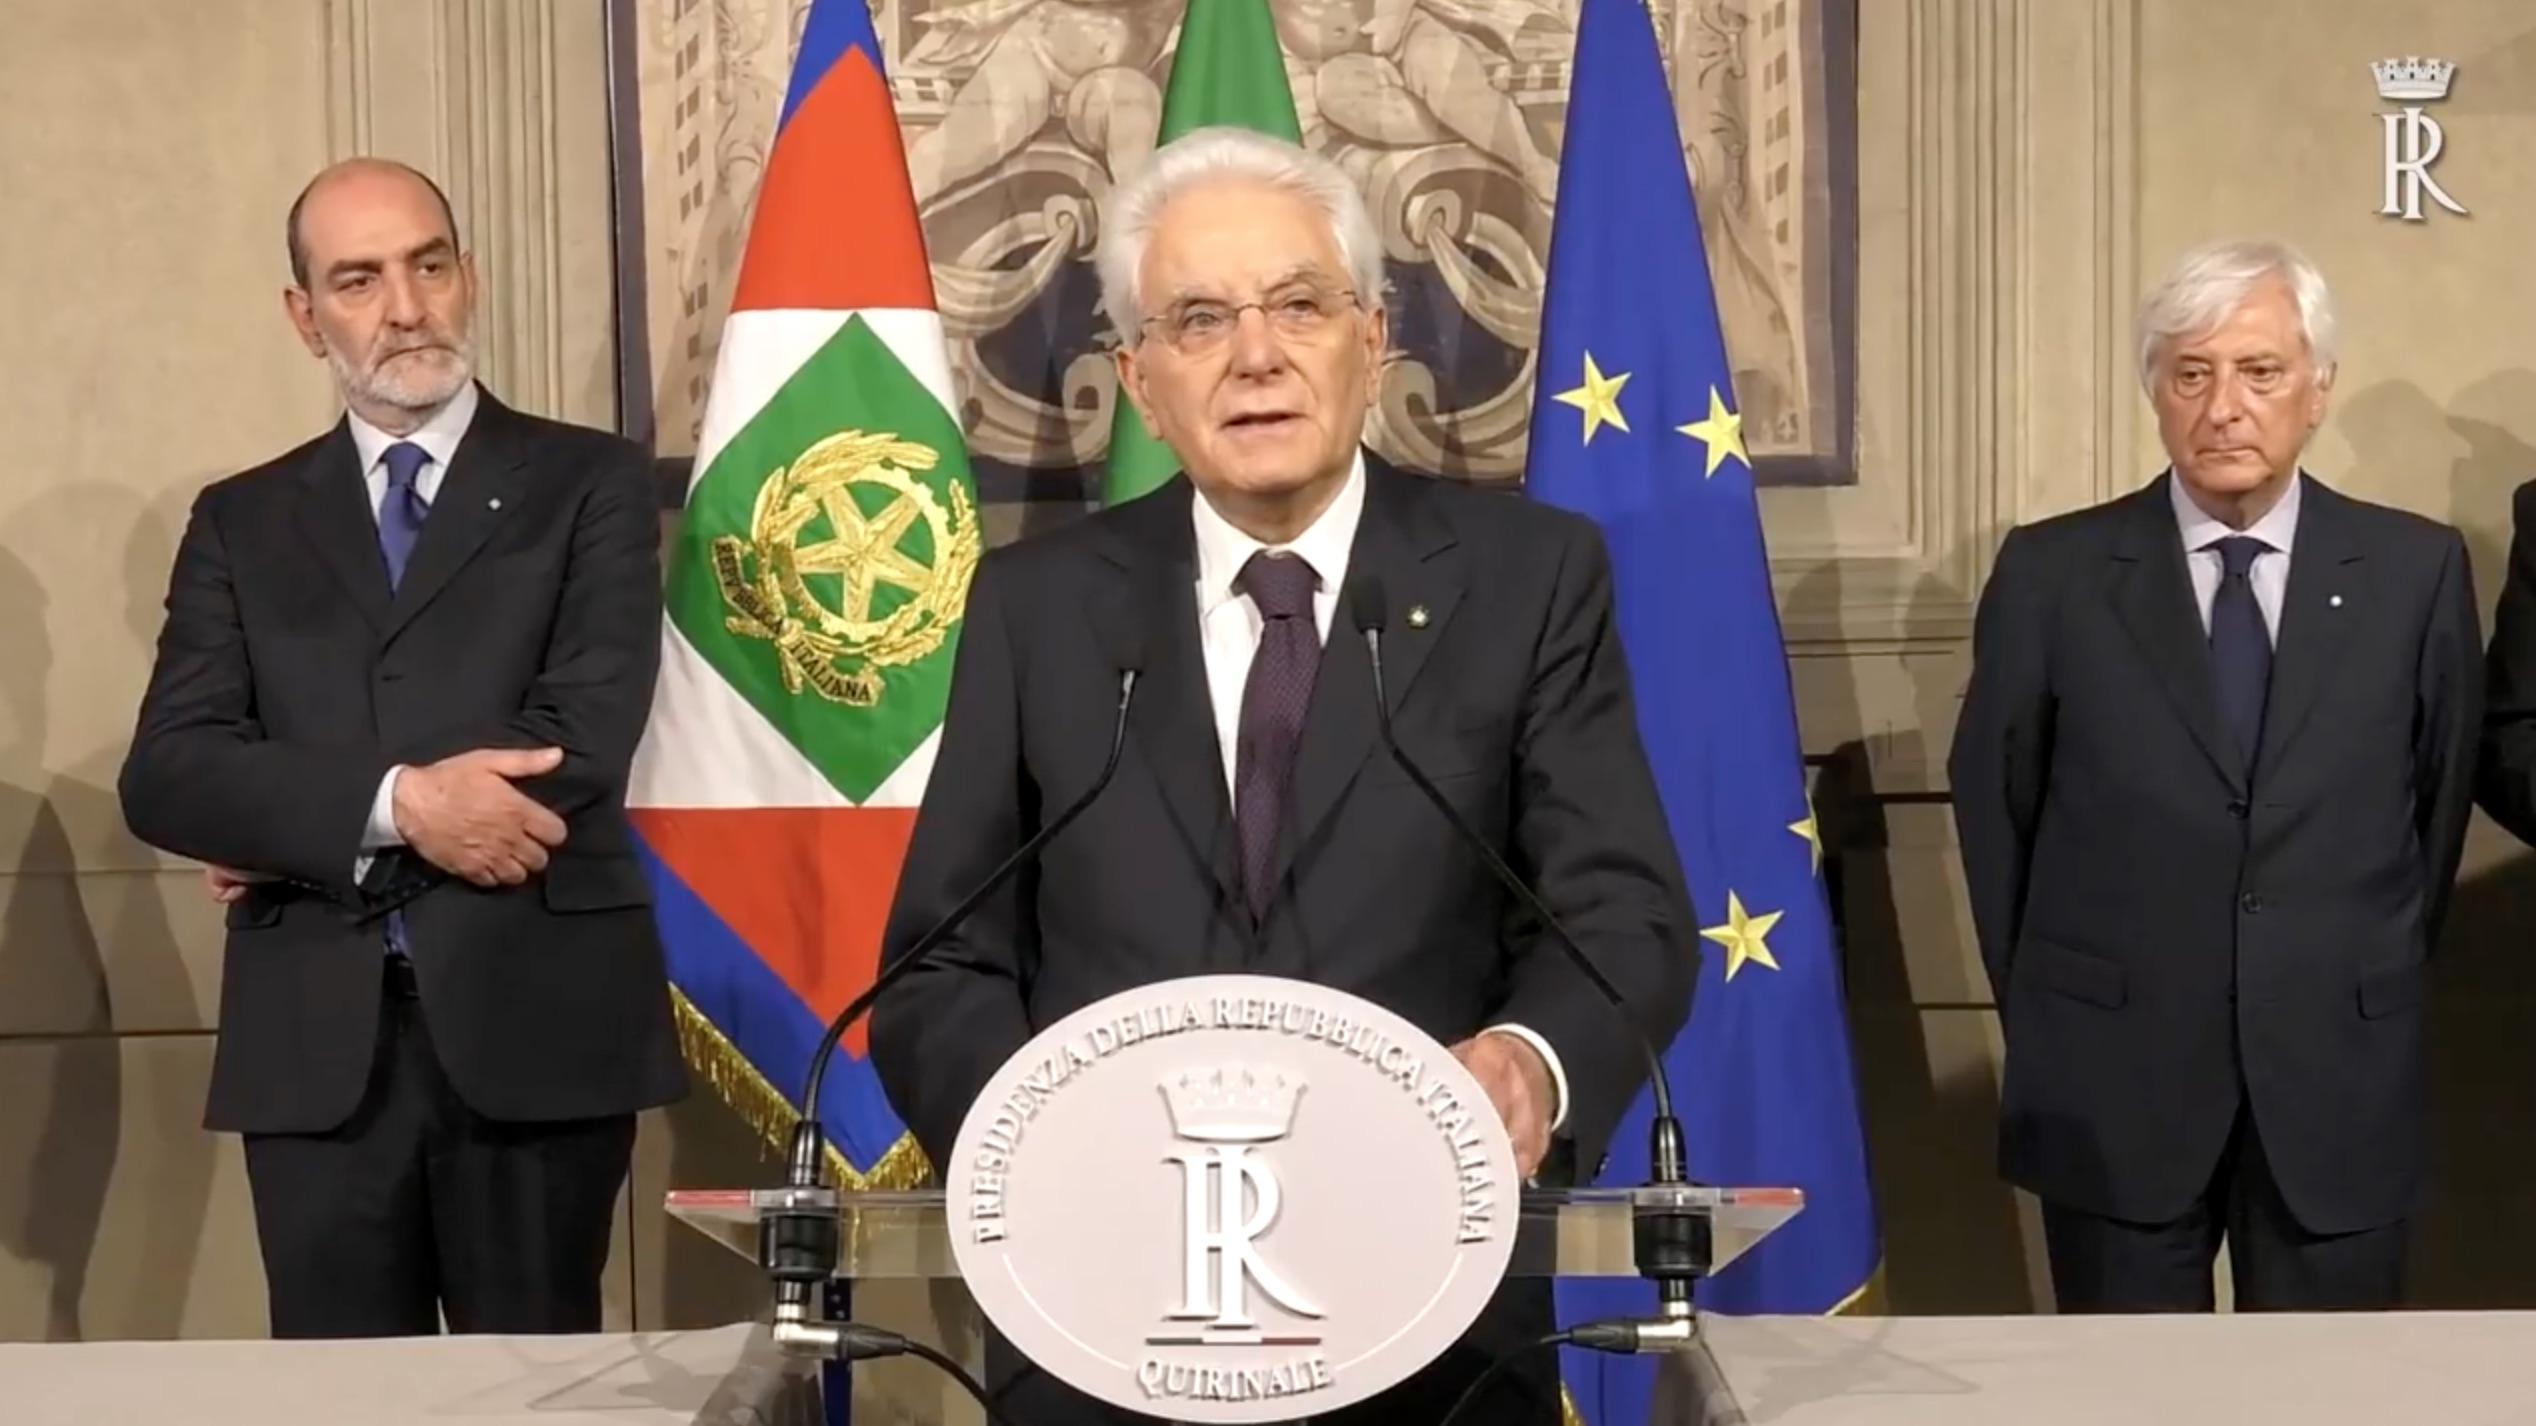 """Video: Mattarella: """"A rischio l'Italia nell'euro"""""""